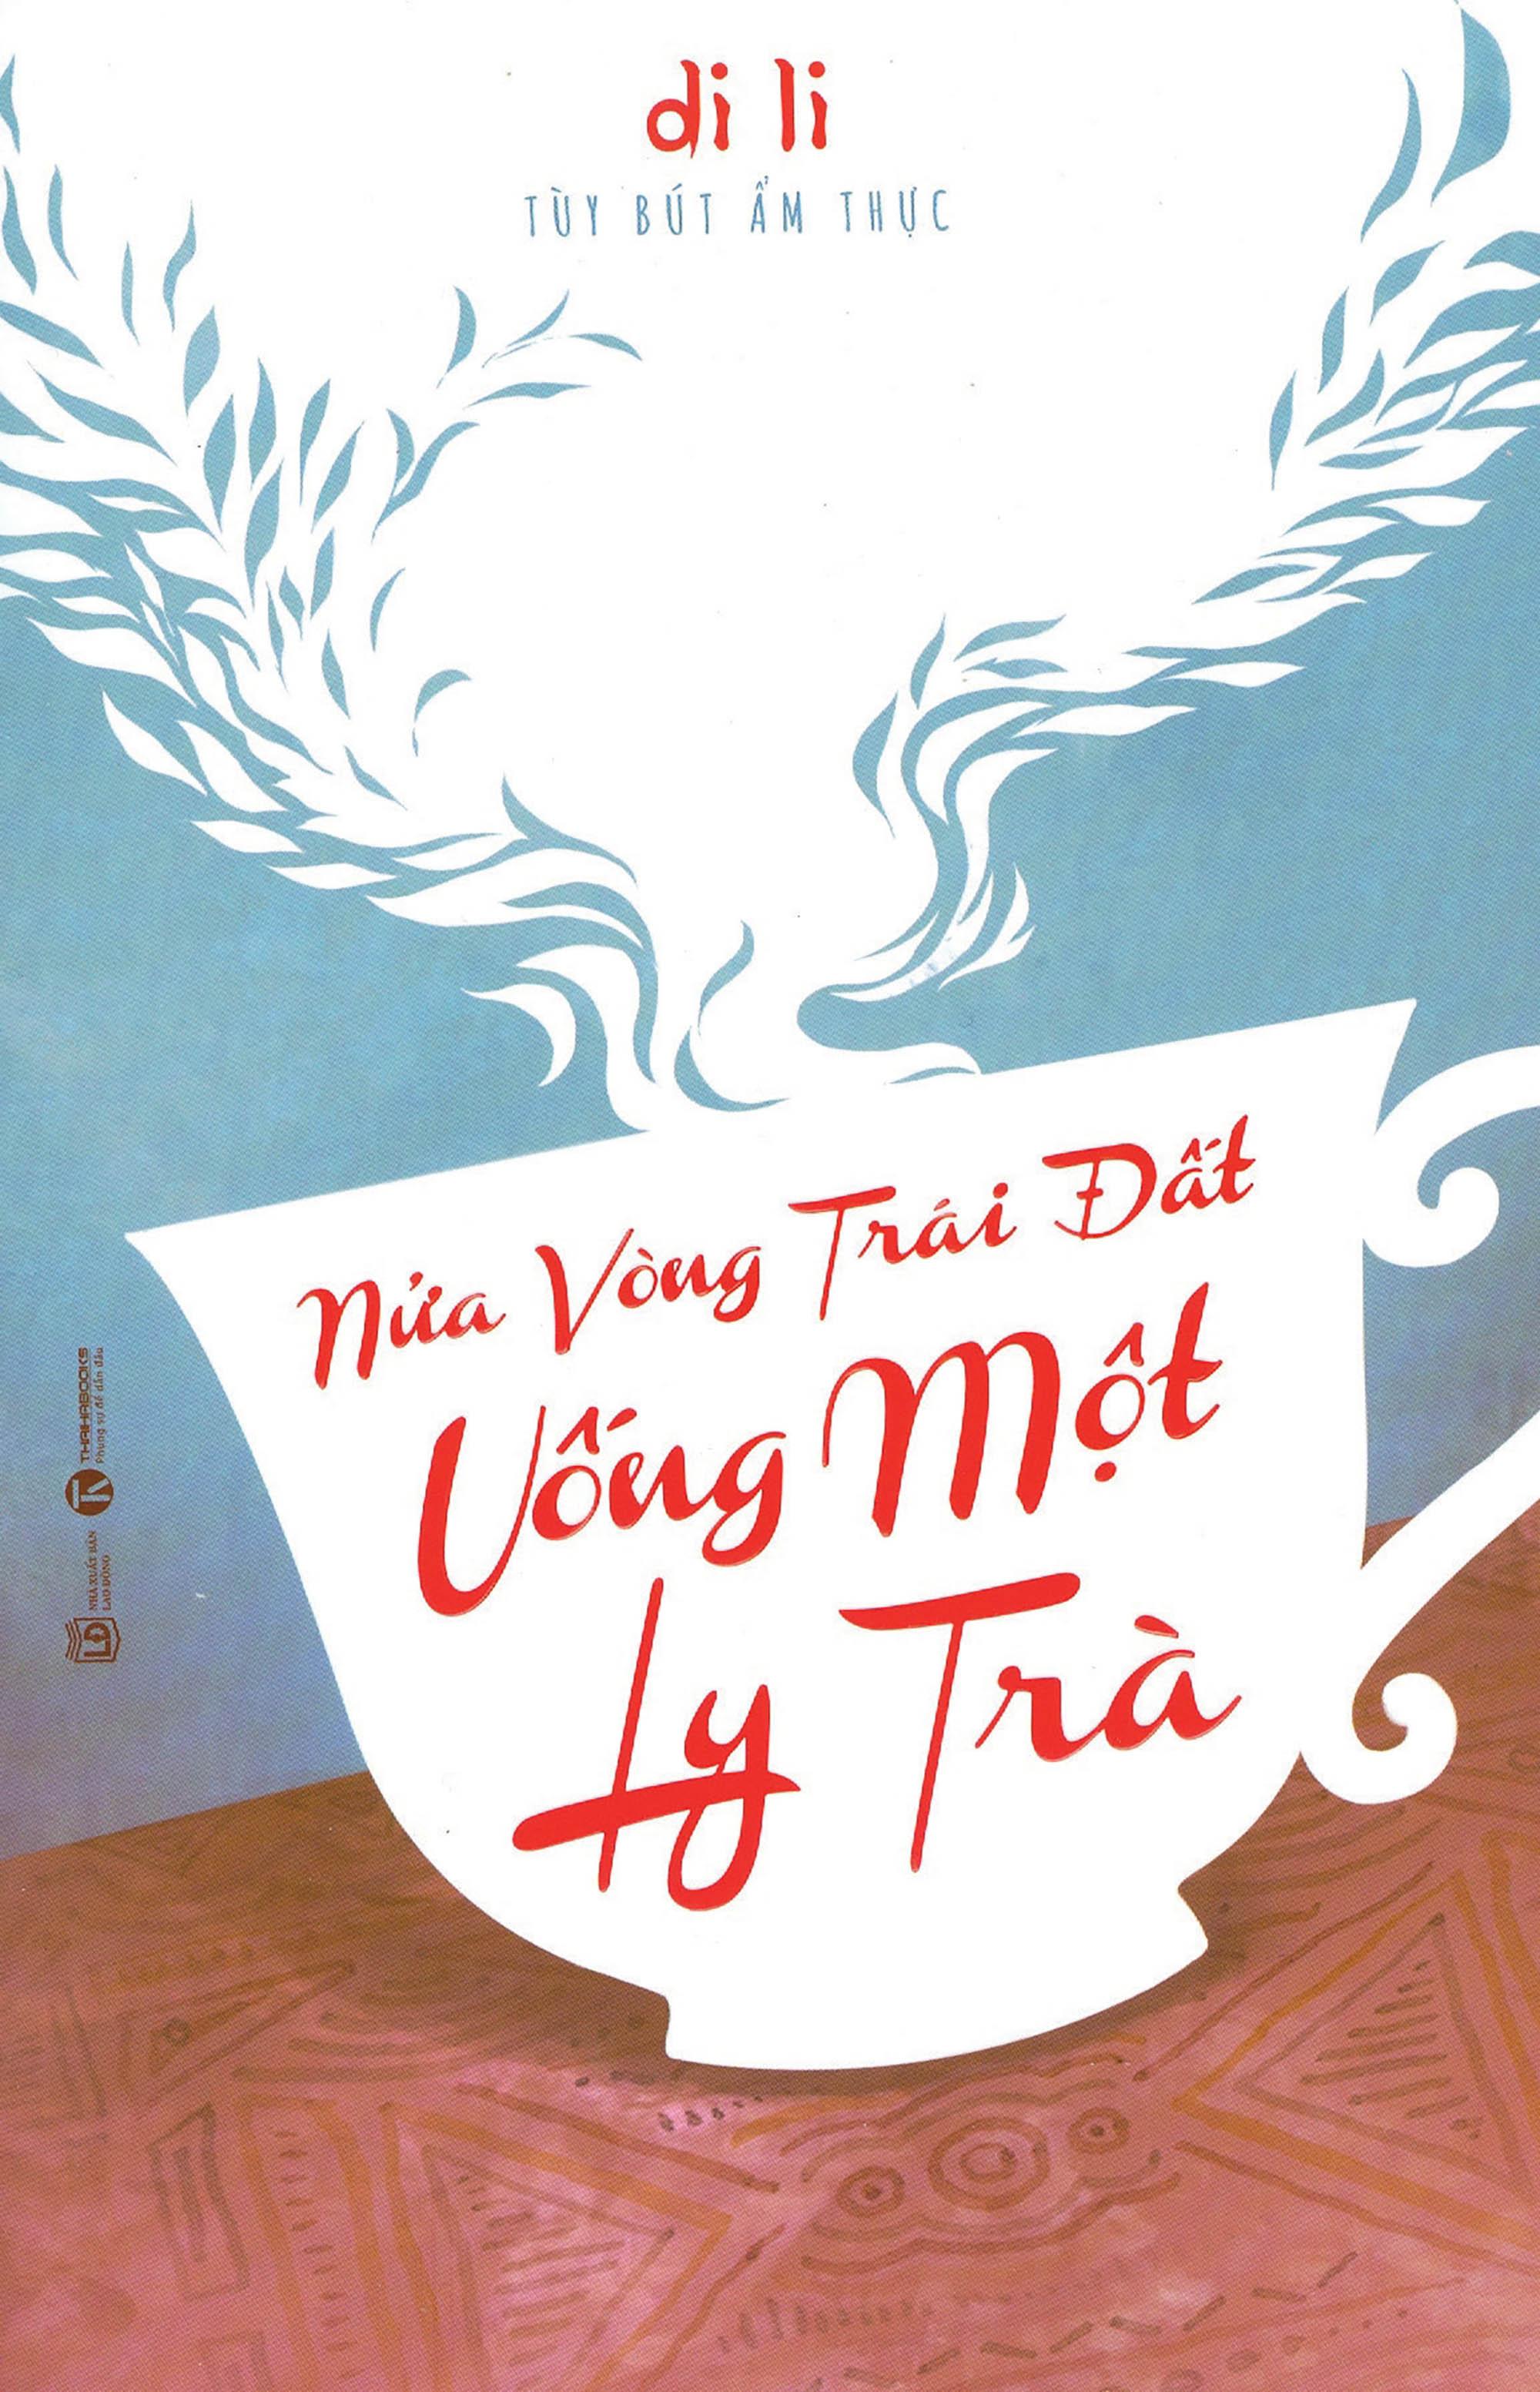 sách hay tháng 12 tùy bút ẩm thực uống một ly trà